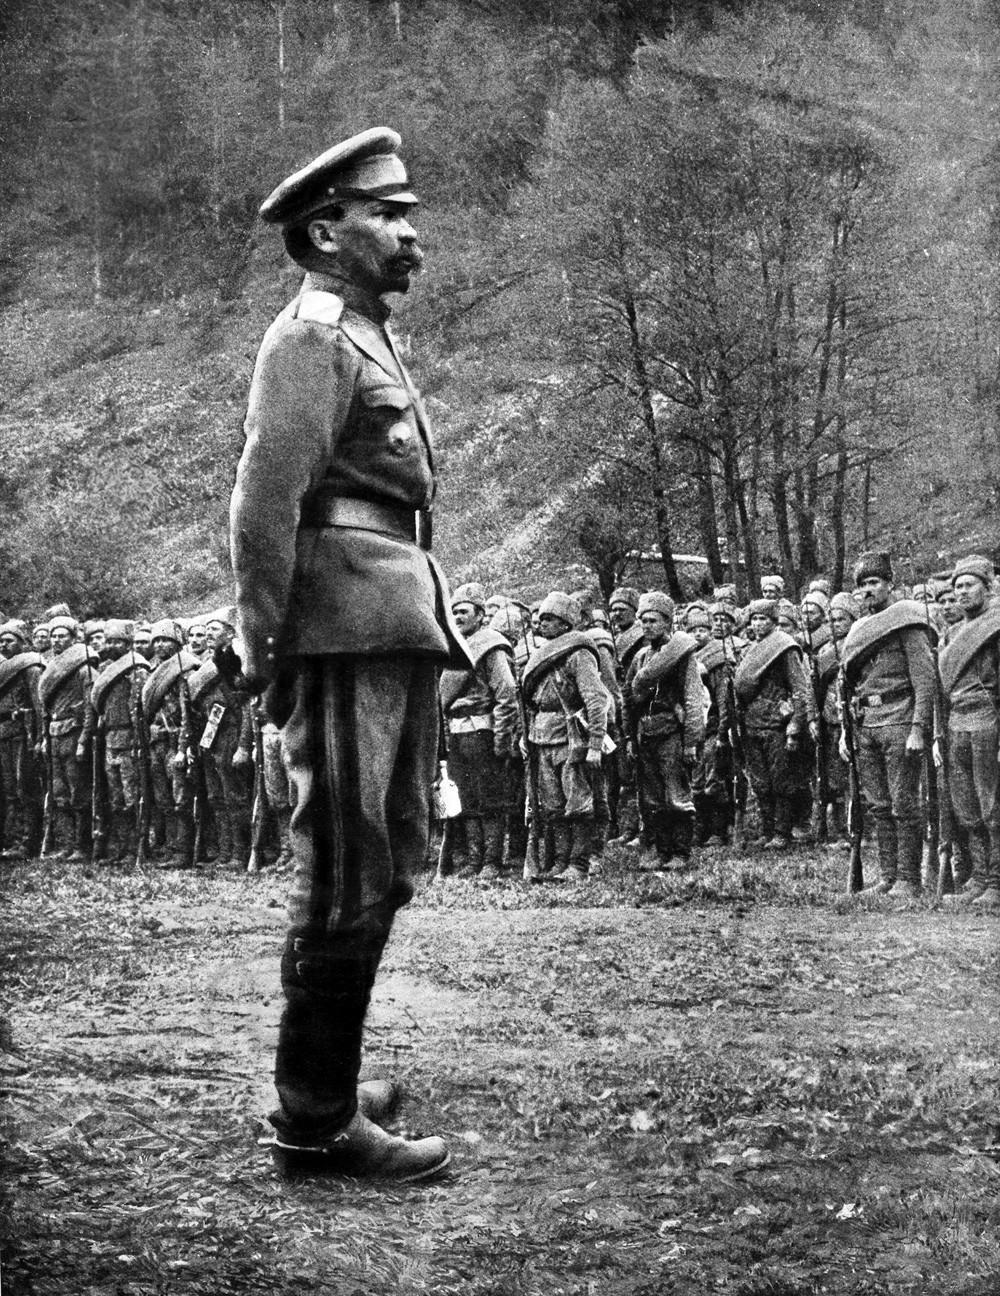 General Kornilov na smotri ruskih trupa, 1. srpnja 1917. godine.